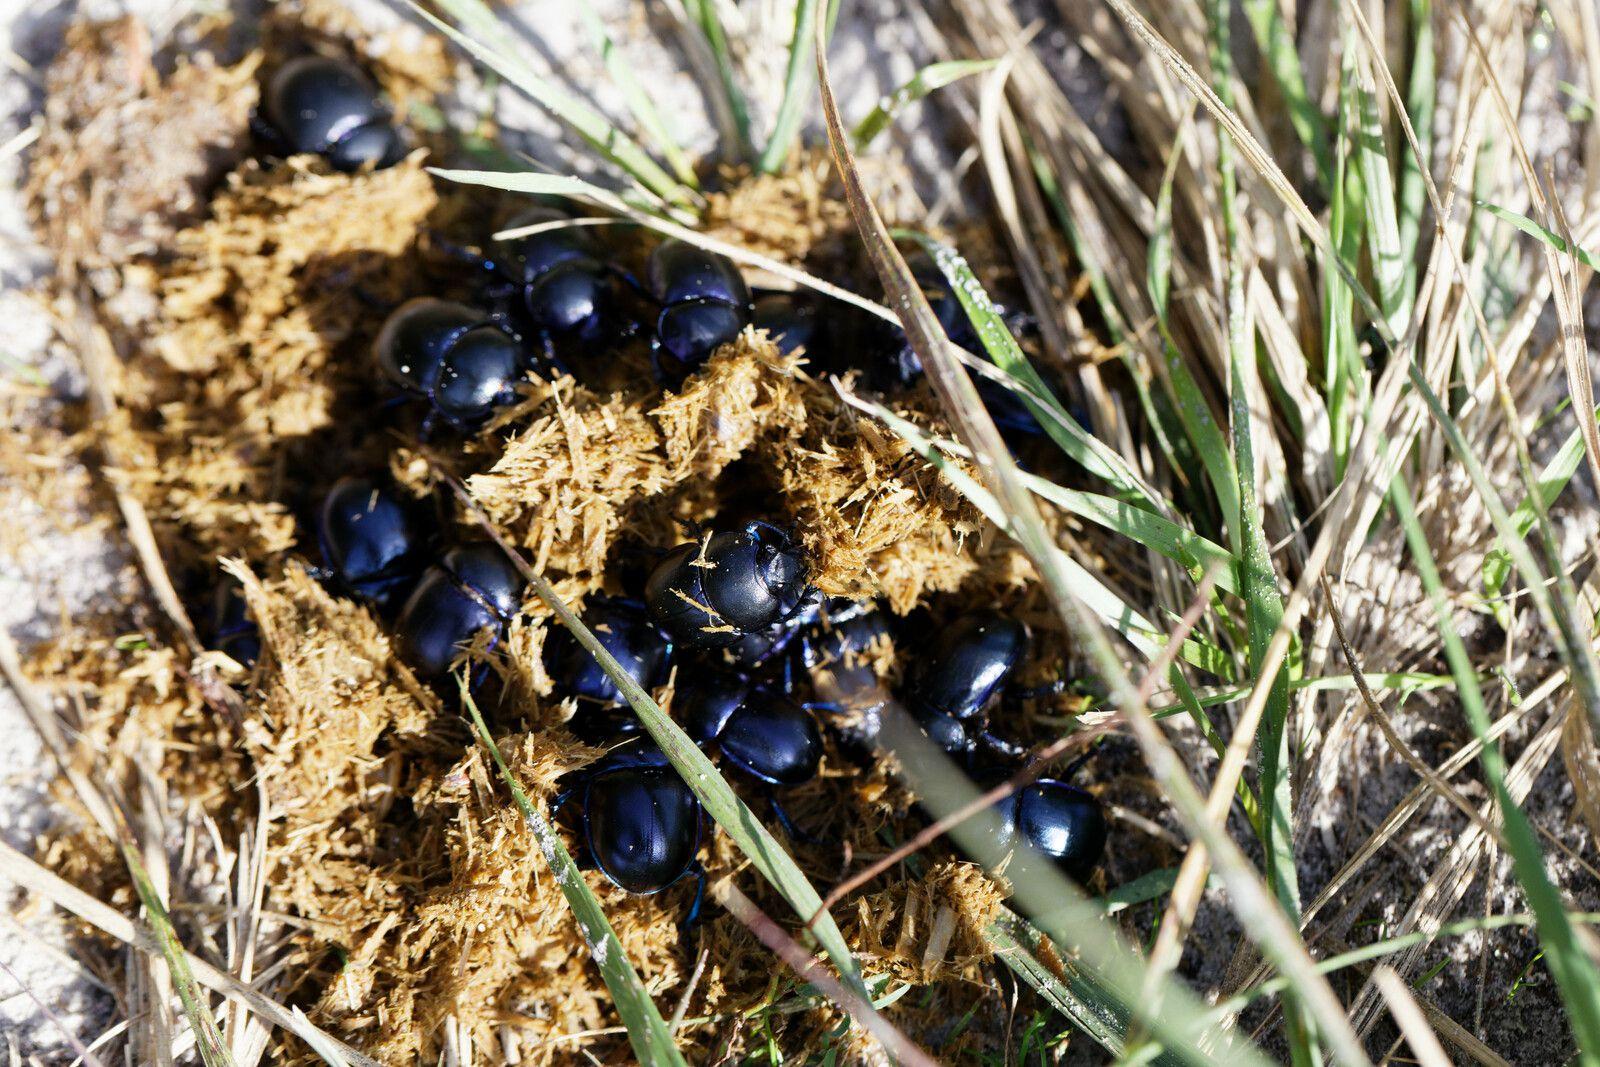 Trypocopris vernalis en grand nombre, consécutif au passage de Chevaux.